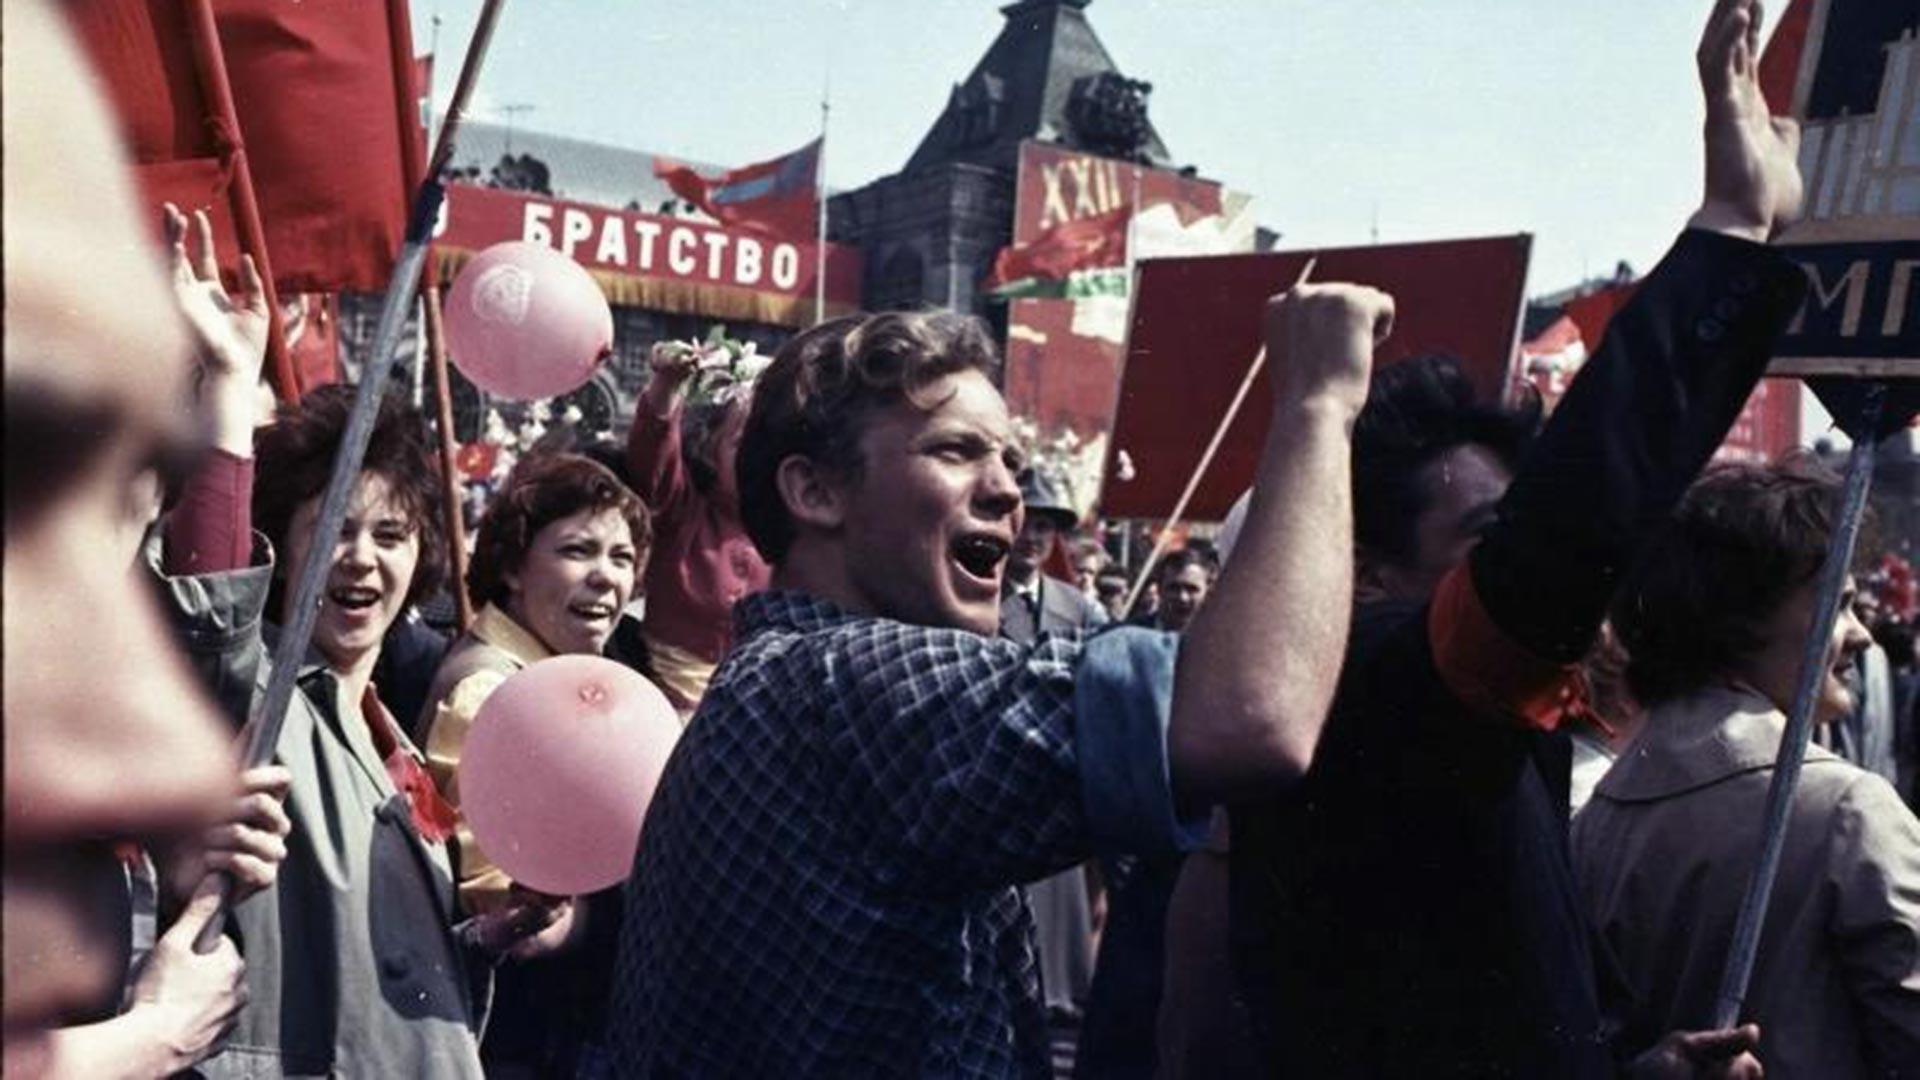 メーデーのデモ。バックには「友愛」というスローガンが見える、1950年代